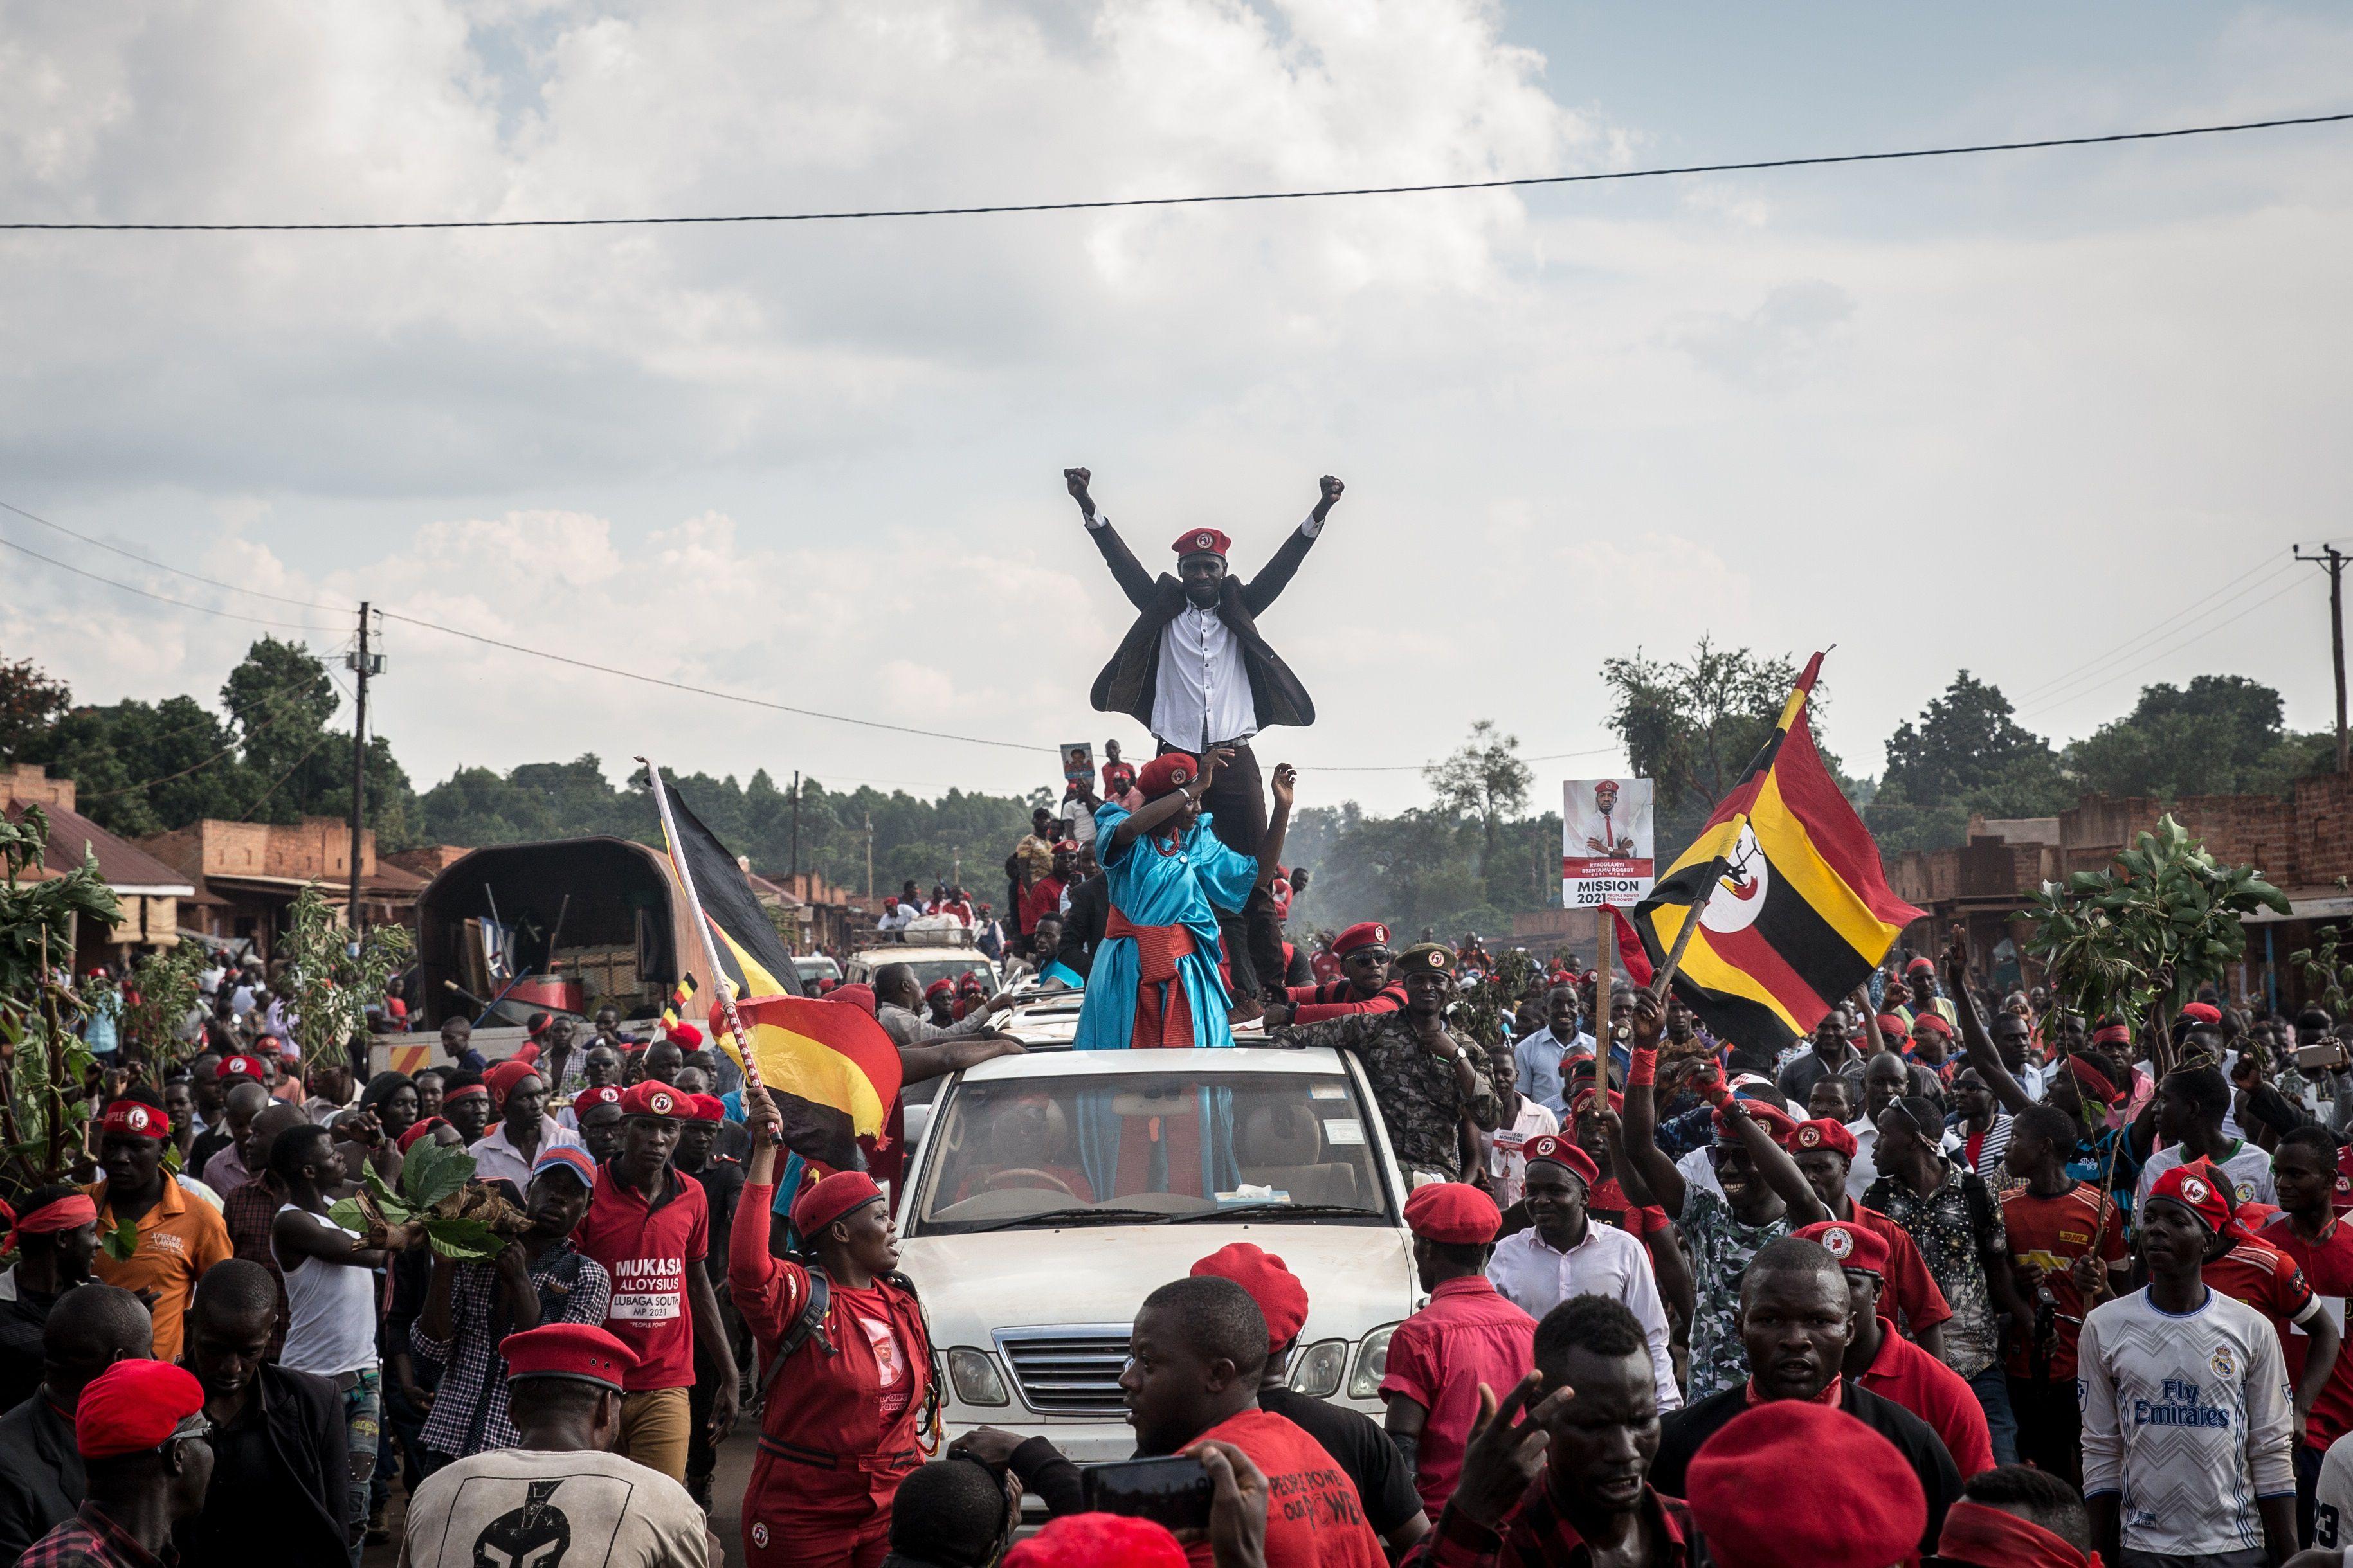 El líder opositor ugandés Robert Kyagulanyi, también conocido como 'Bobi Wine', junto a sus seguidores (Sally Hayden / Europa Press)